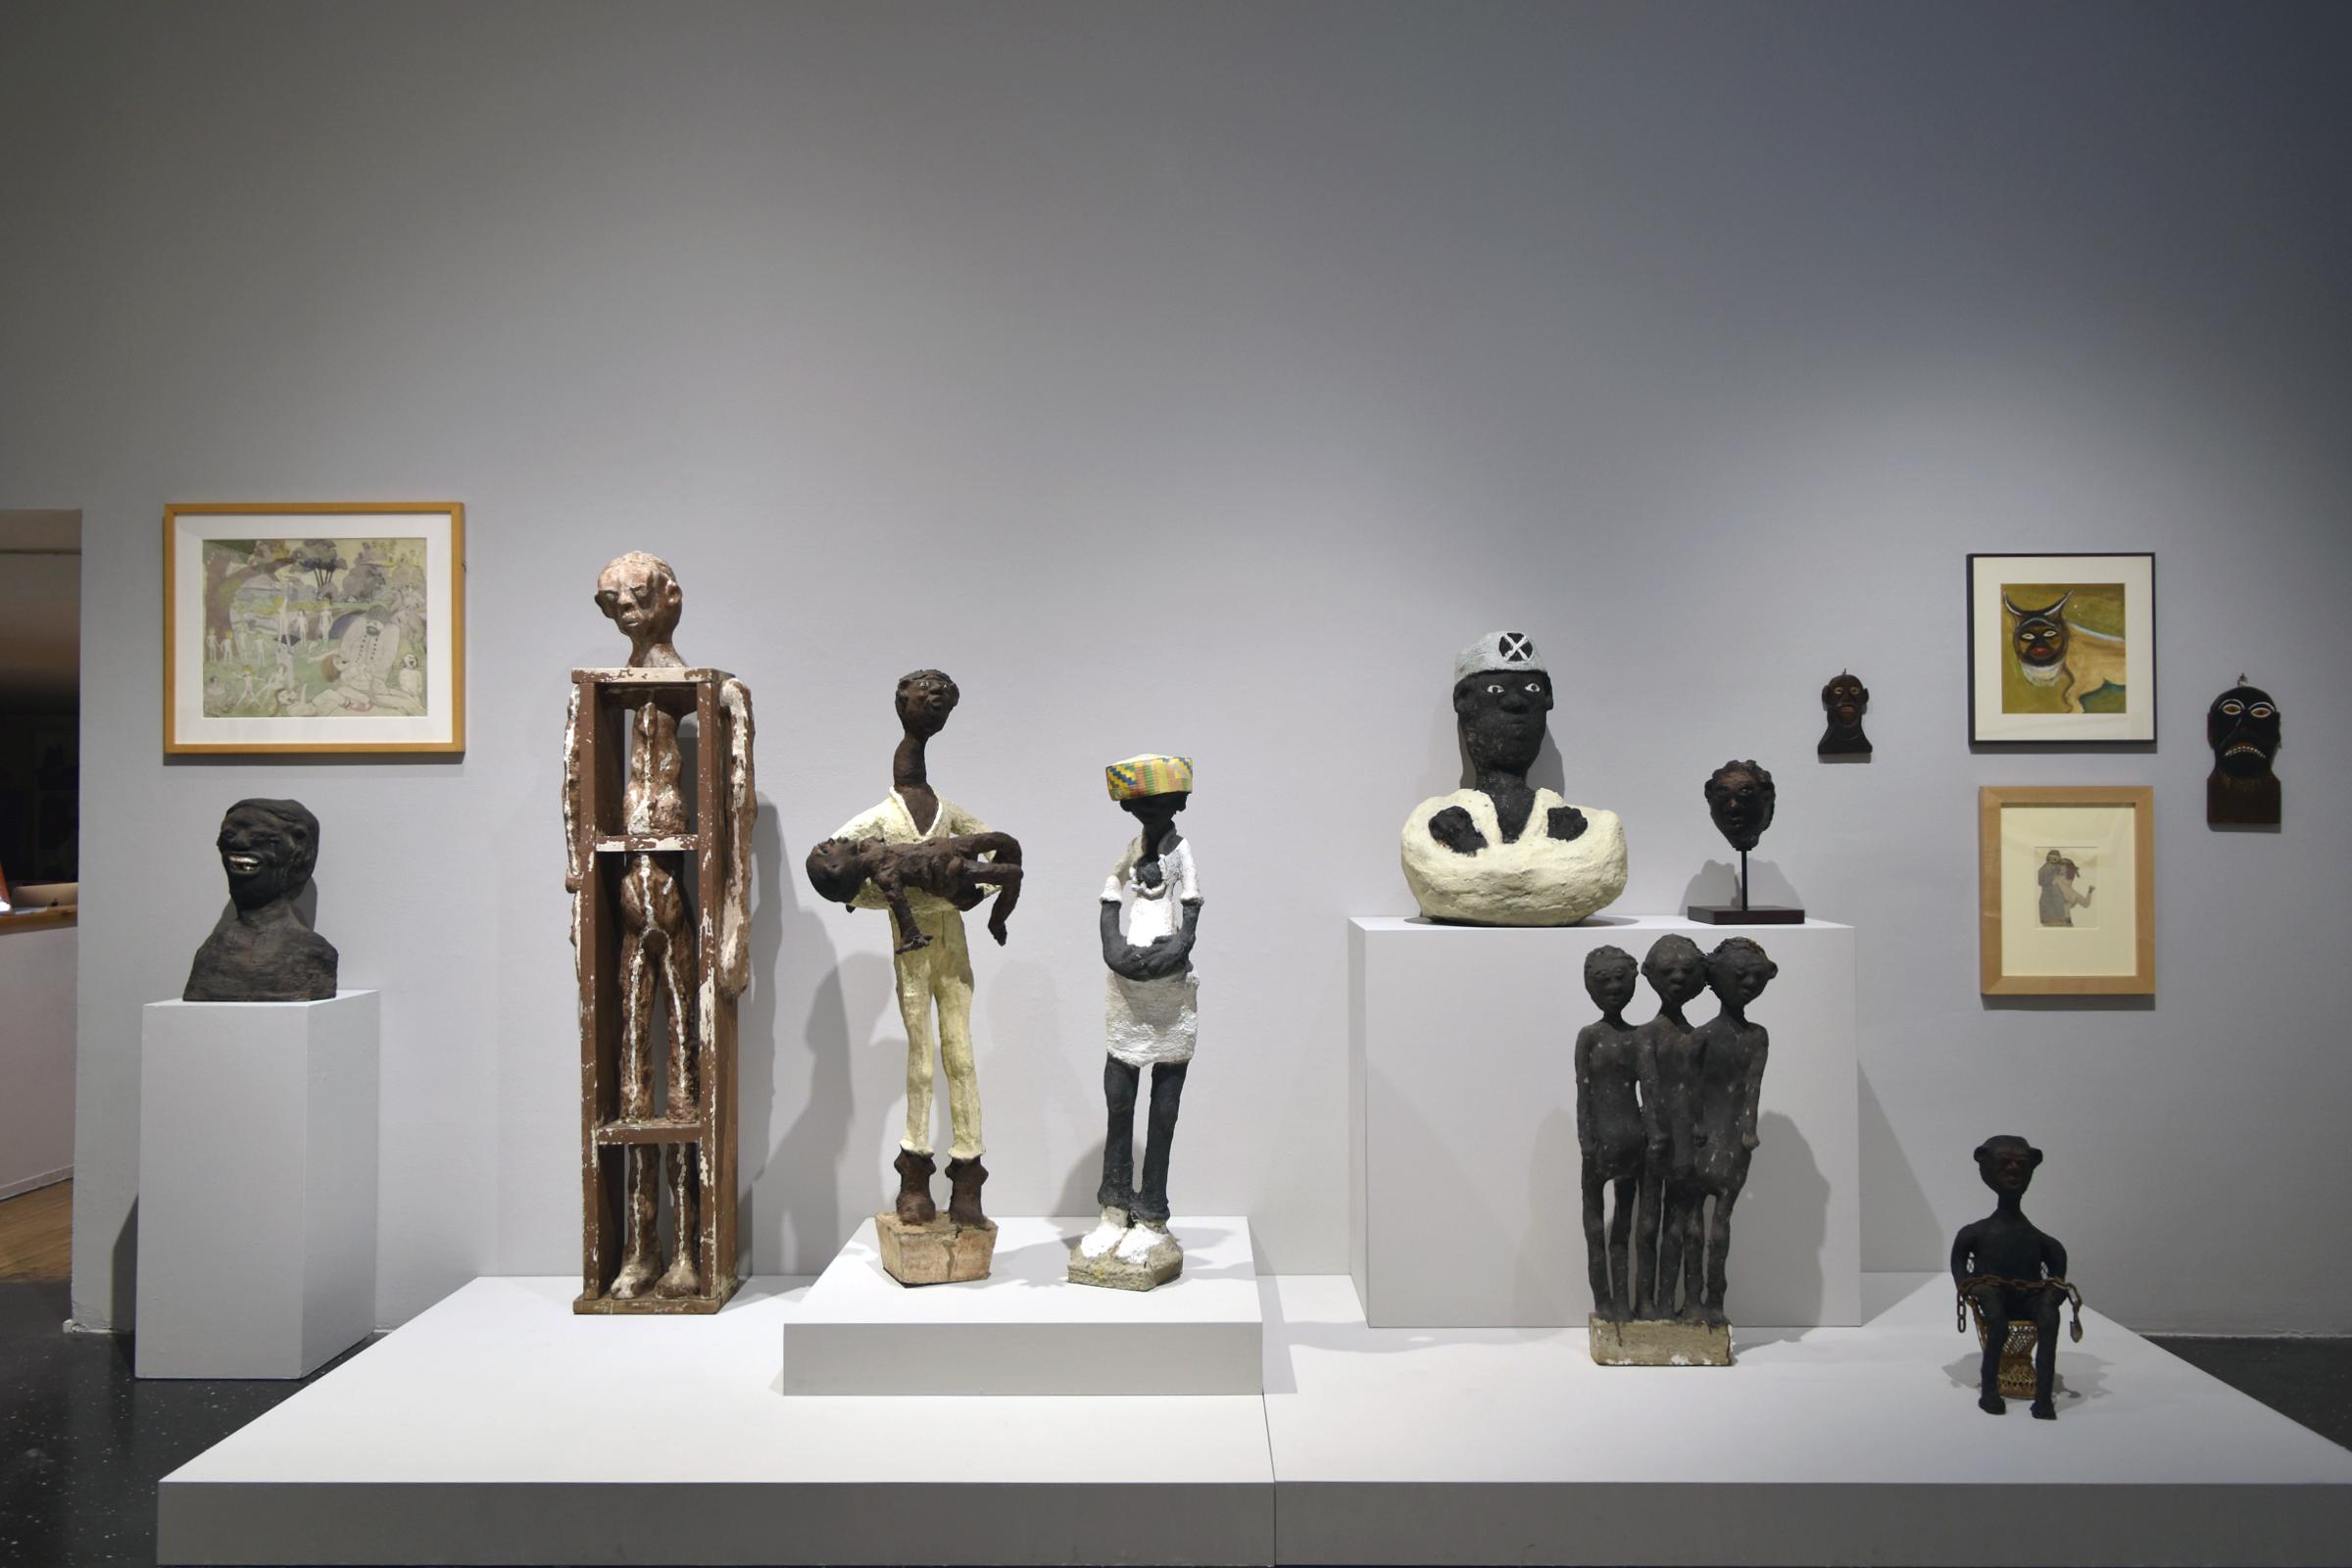 Works by Dr. Charles Smith on loan from John Michael Kohler Arts Center, gift of the Kohler Foundation Inc.